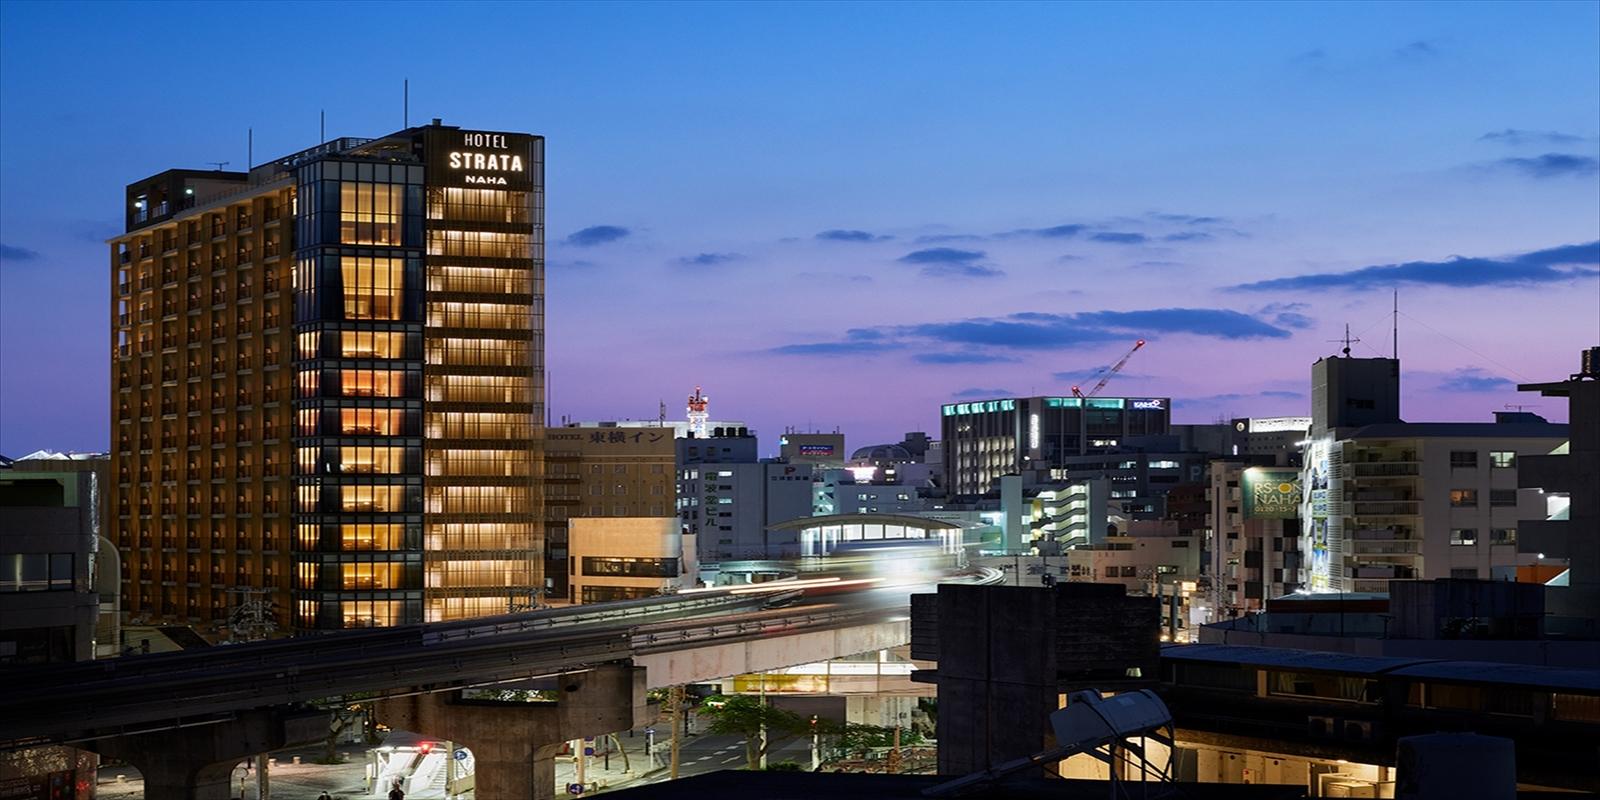 ホテル ストレータ那覇 / 【早割60】60日前までのご予約限定10%OFF<素泊り>